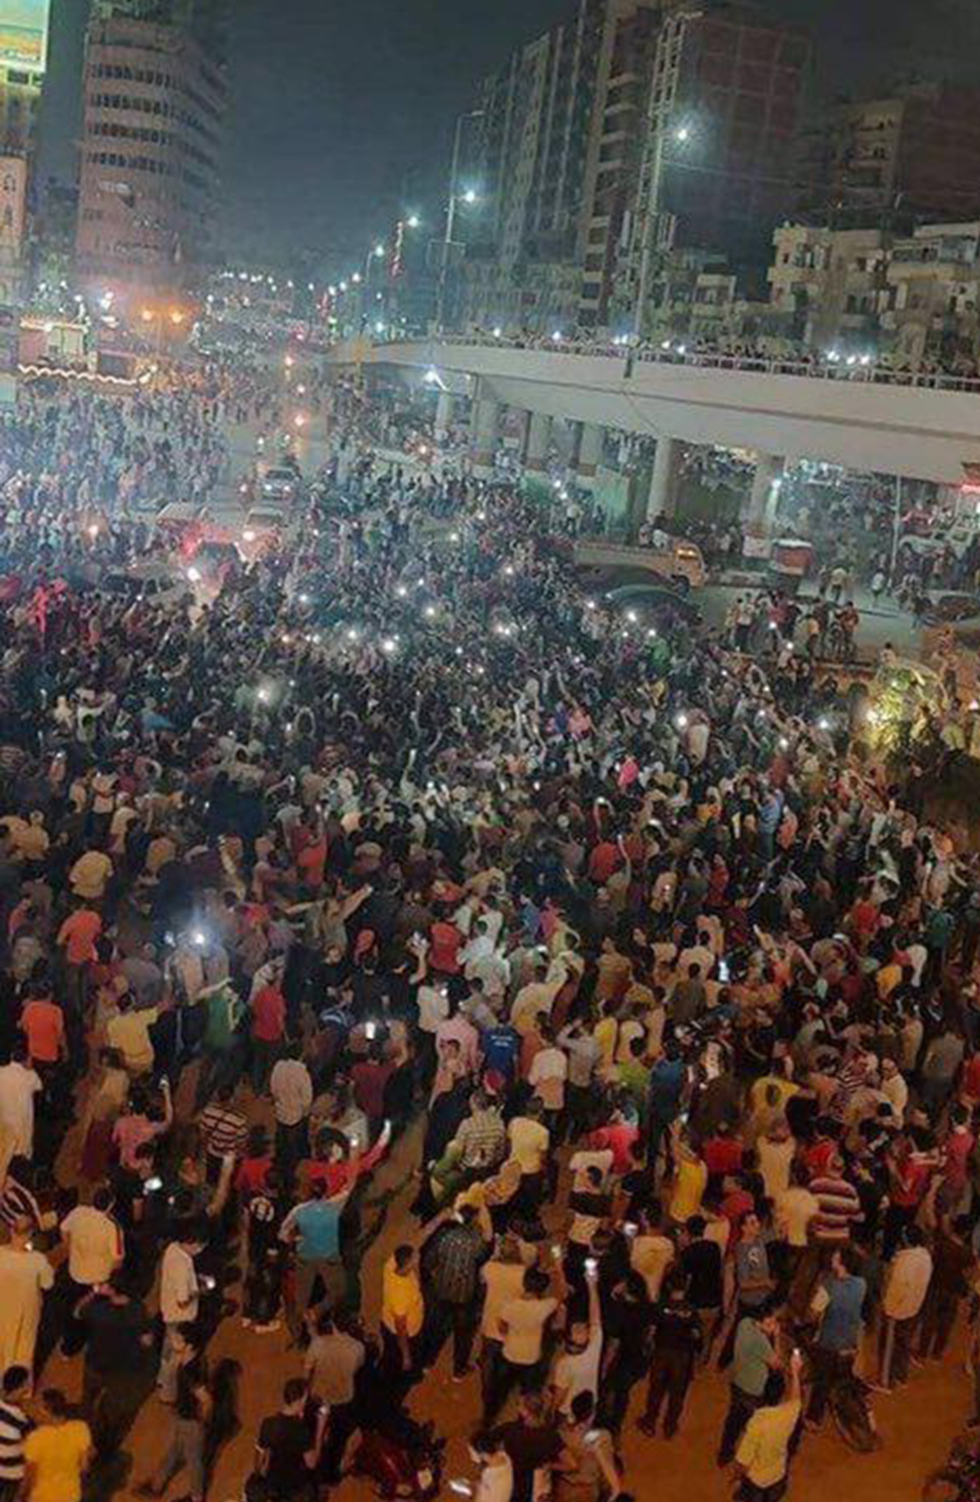 הפגנות מחאה ב קהיר מצרים נגד נשיא עבד אל פתאח א סיסי ()